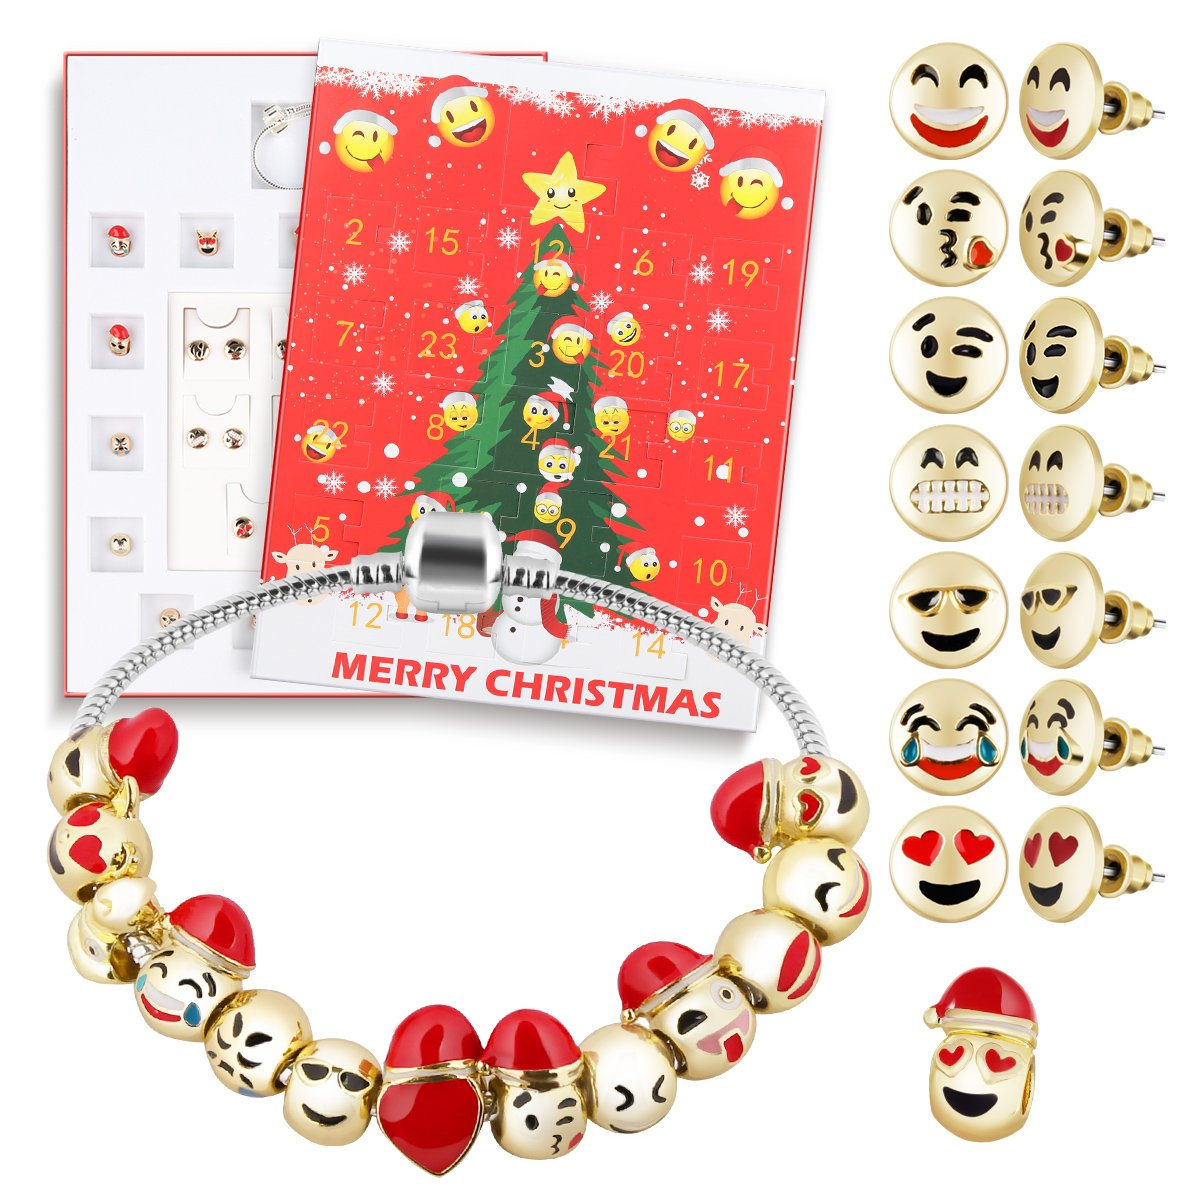 D-FantiX Christmas Countdown Calendar 2018 Women Girls DIY Jewelry Advent Calendar 24 Days Collection with Bracelet Emoji Beads Ear Studs Gift Set by D-FantiX